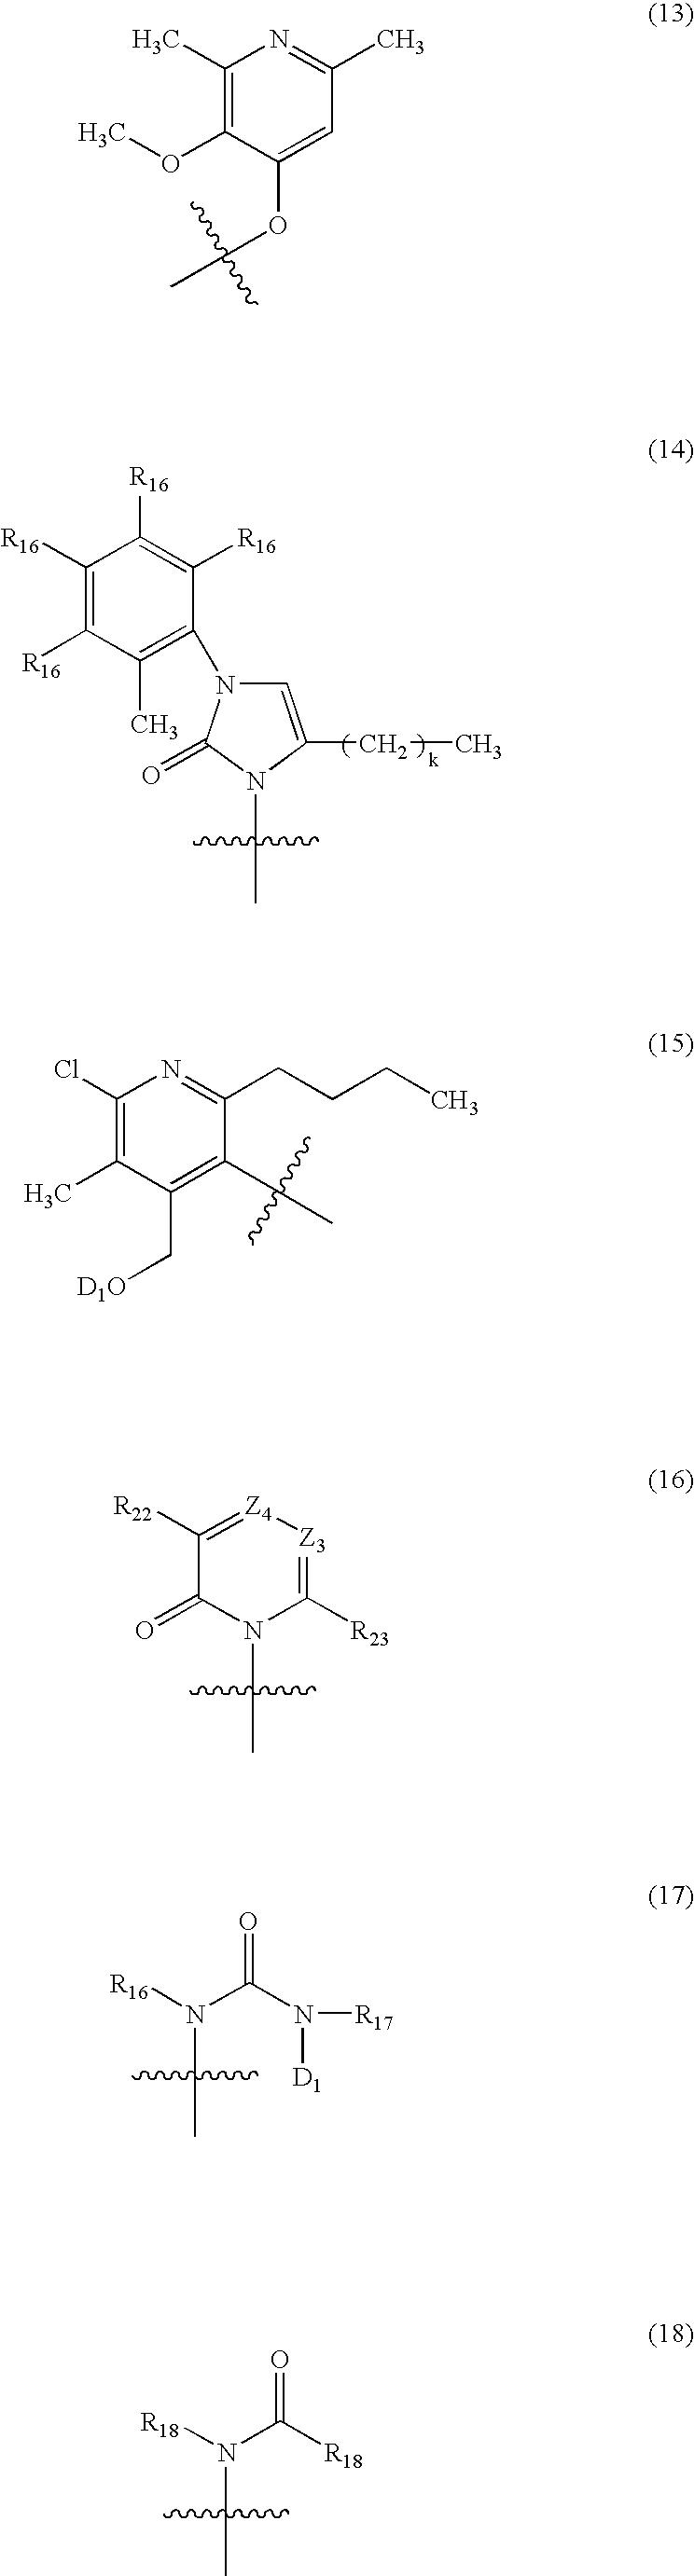 Figure US20070238740A1-20071011-C00055